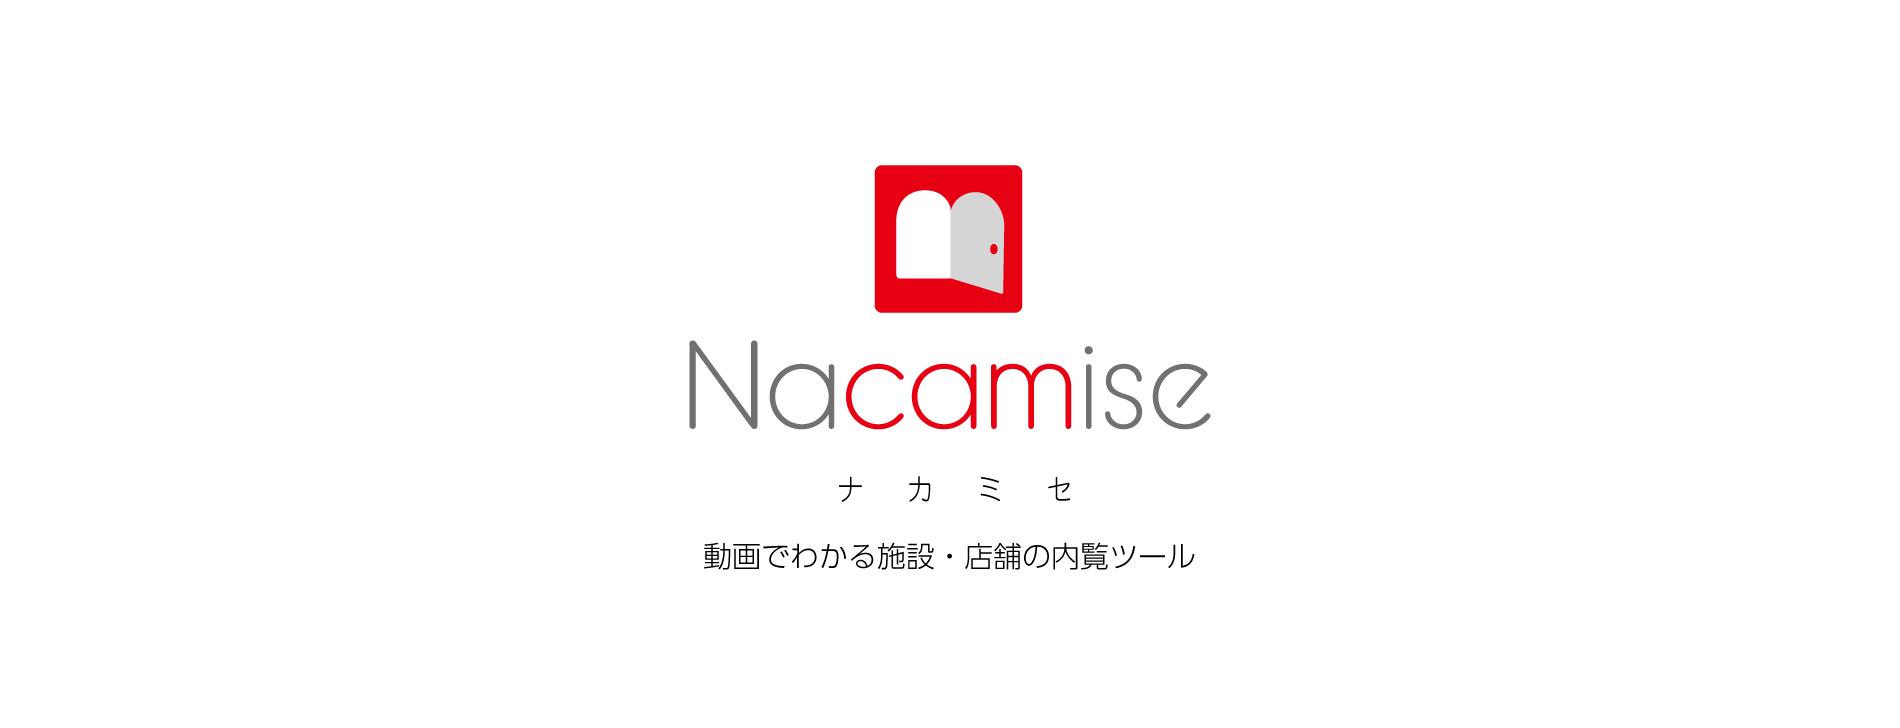 動画でわかる施設・店舗の内覧ツール Nacamise